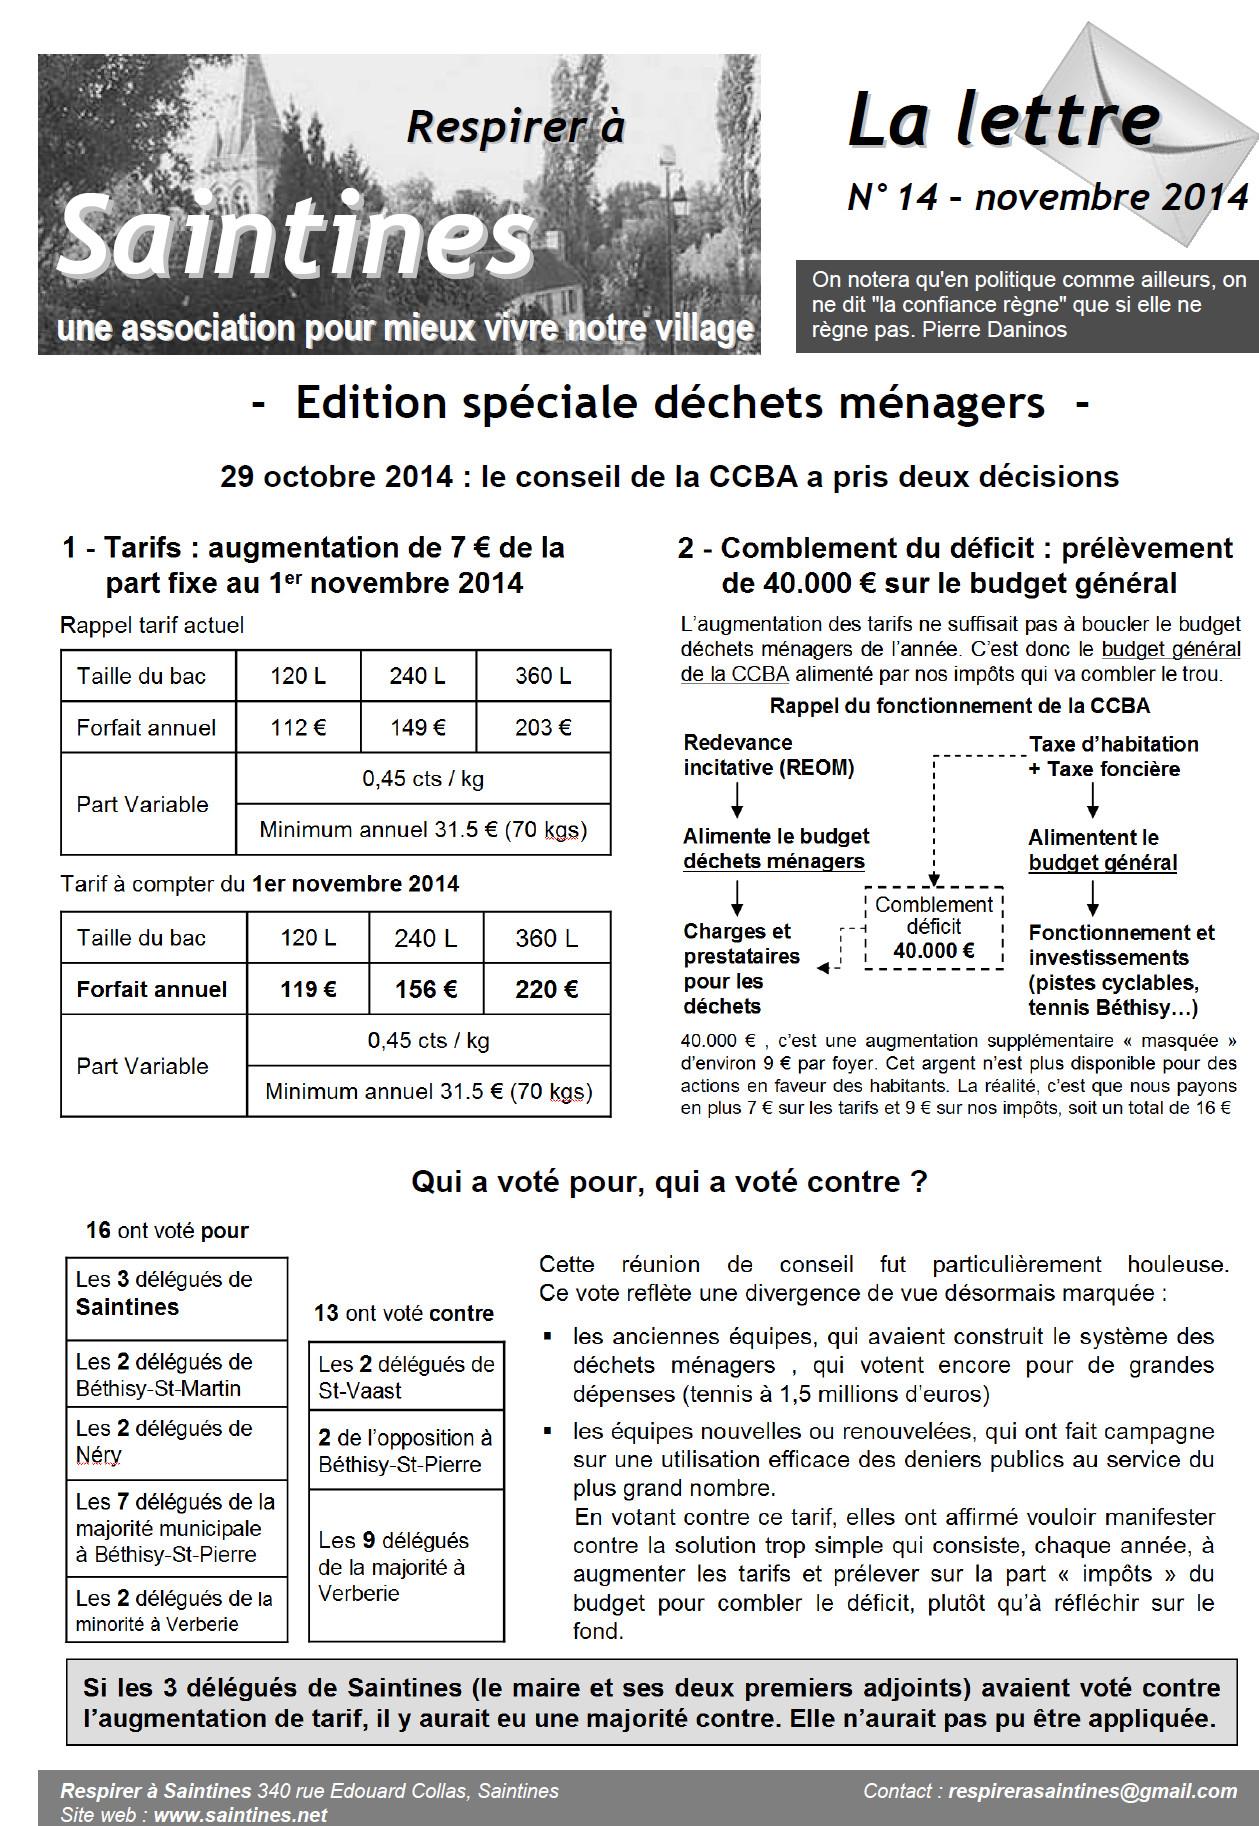 La Lettre nov 2014 page 1